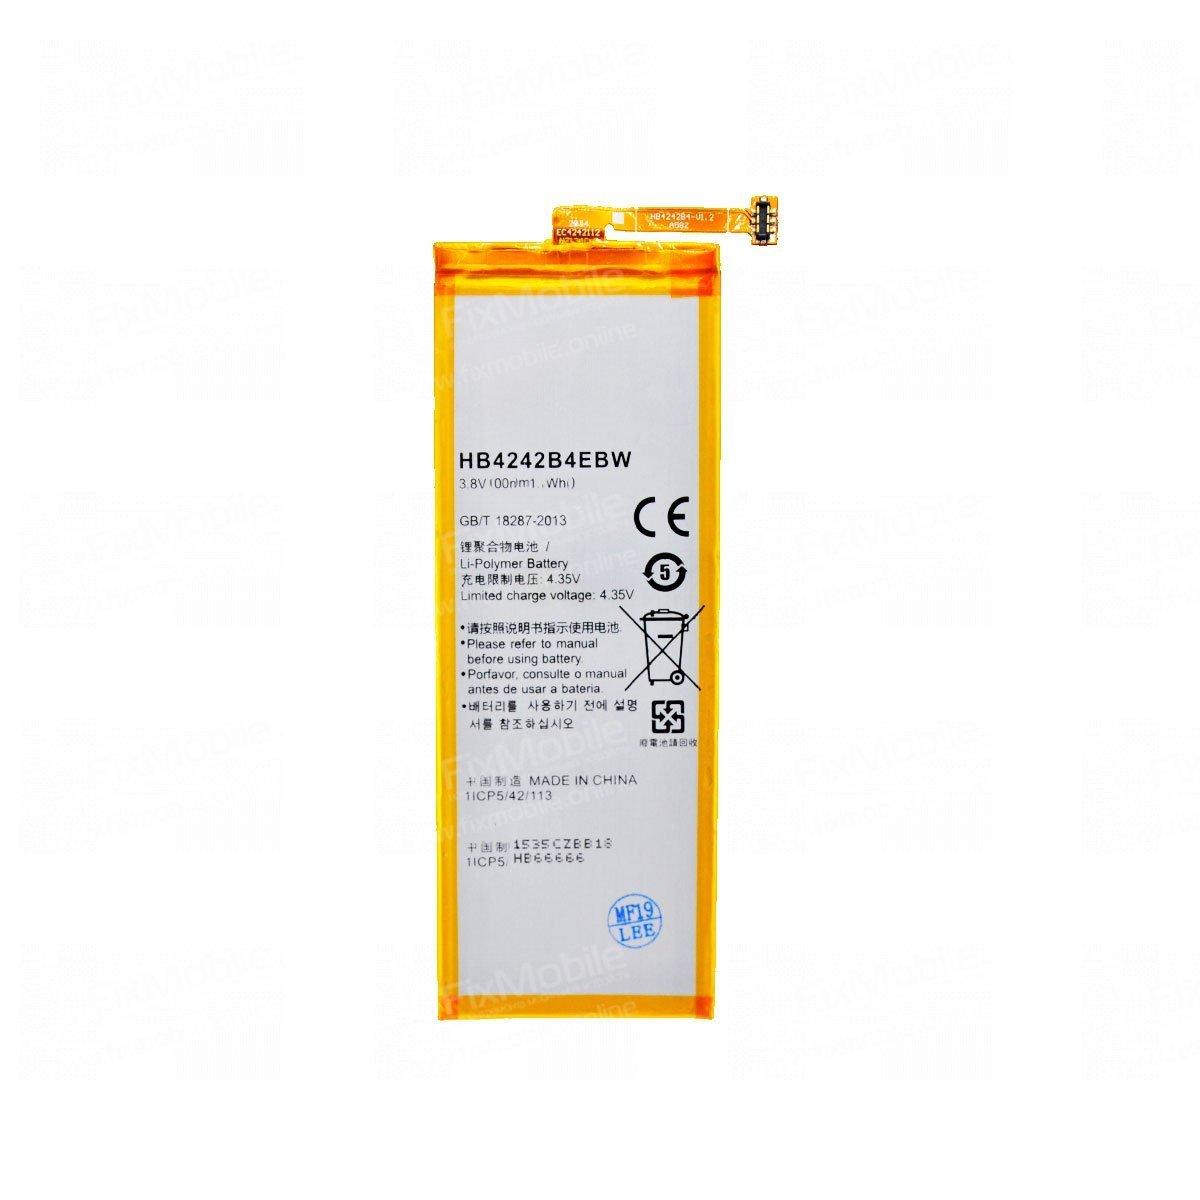 Аккумуляторная батарея для Huawei Honor 6 HB4242B4EBW